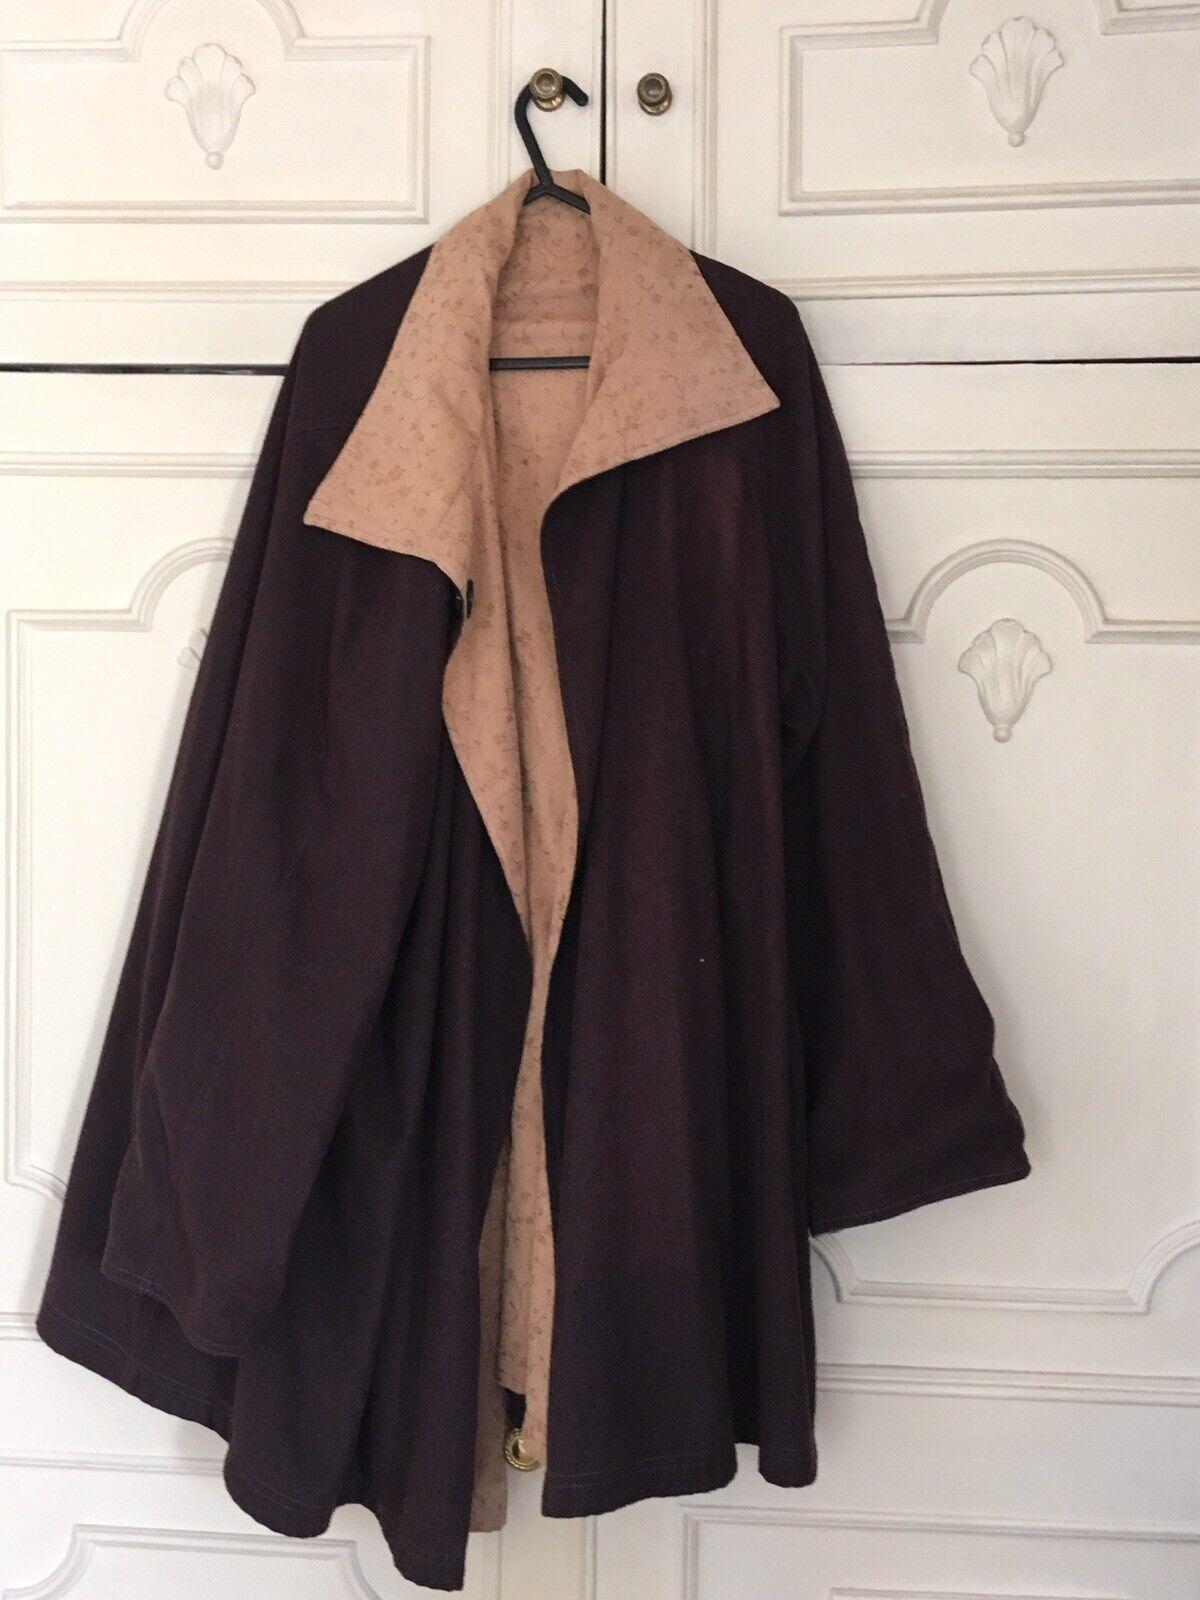 New Zealand suede golden & choclate brown coat & hat